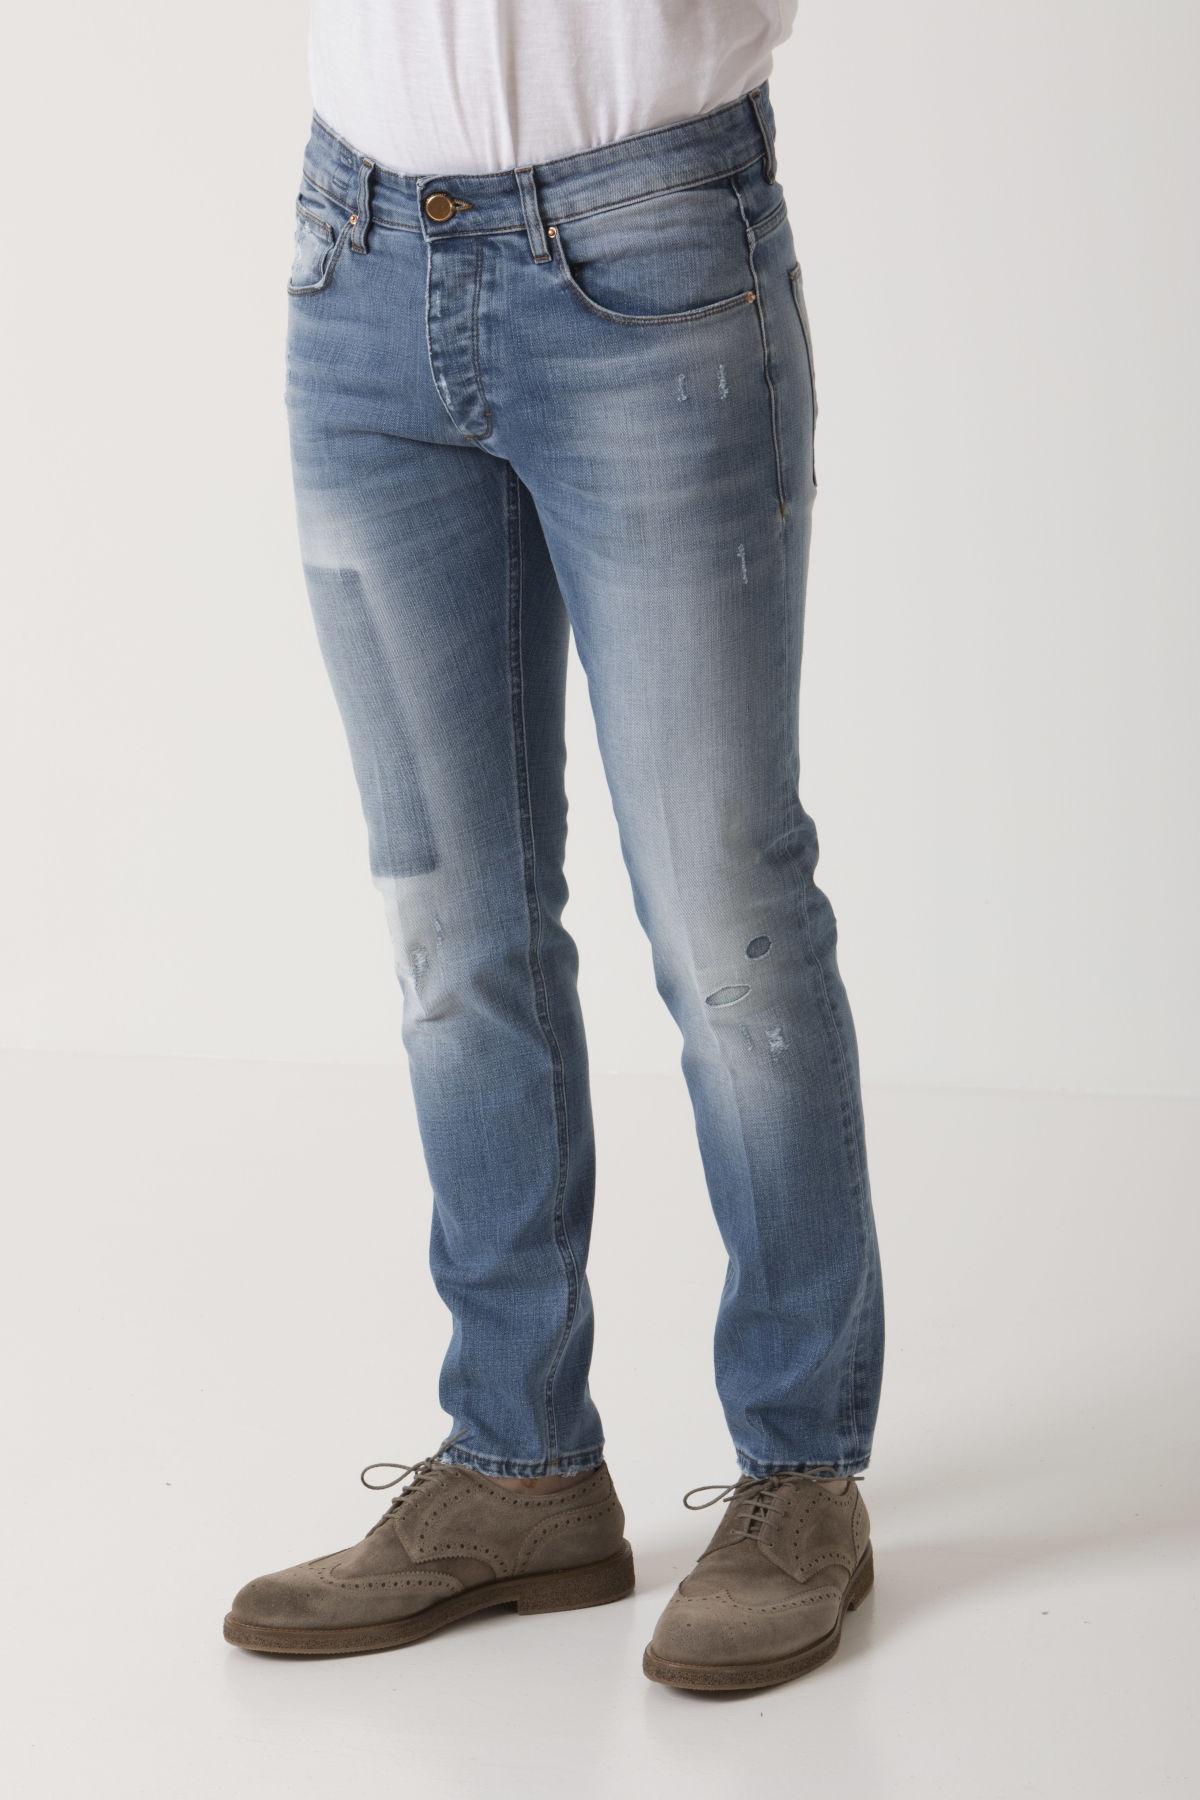 Männer Jeans SAN FRANCISCO DON THE FULLER F/S 19